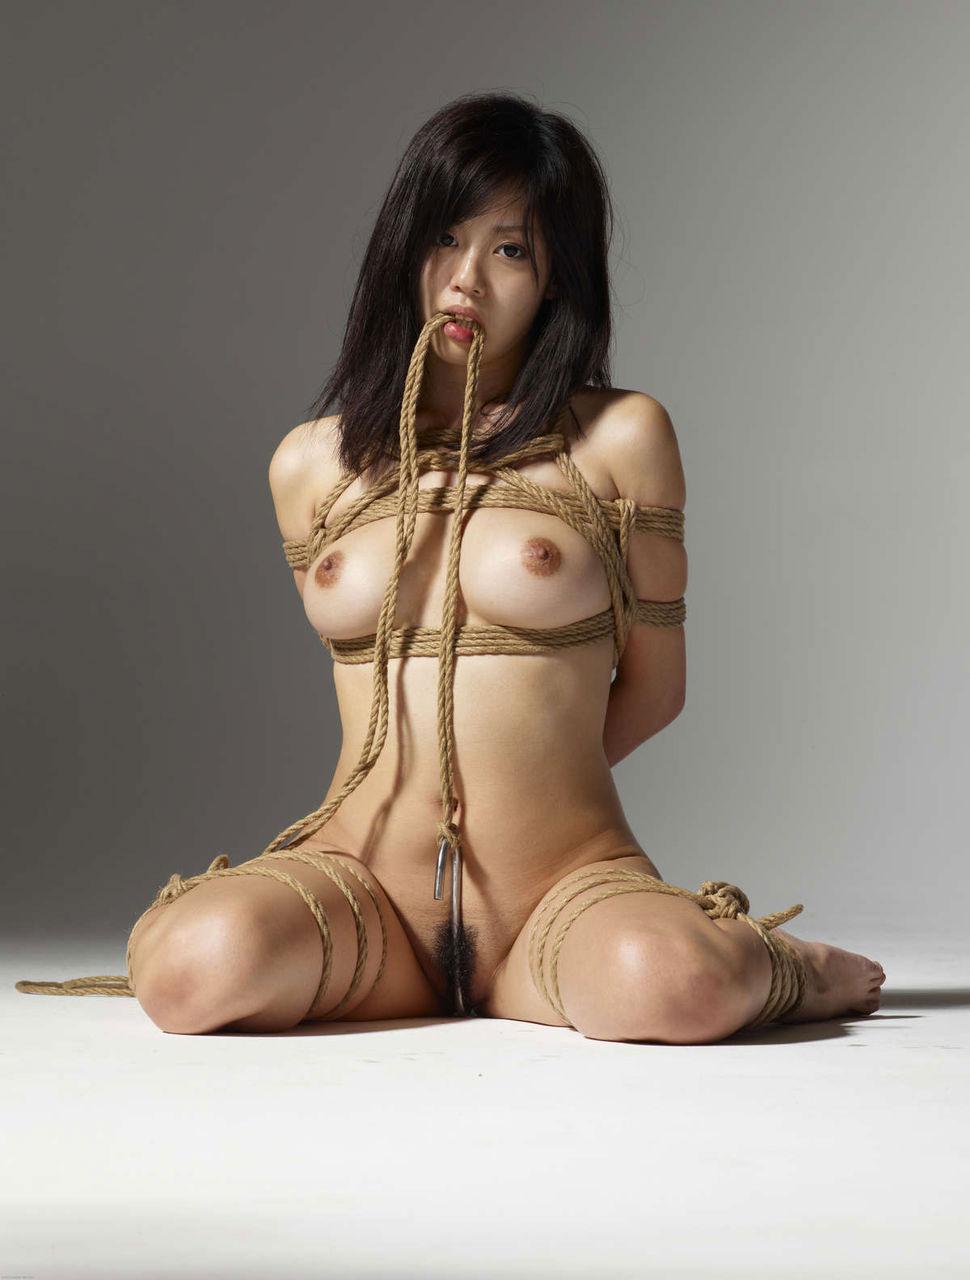 ヌード女性を縄で縛って拘束する (3)